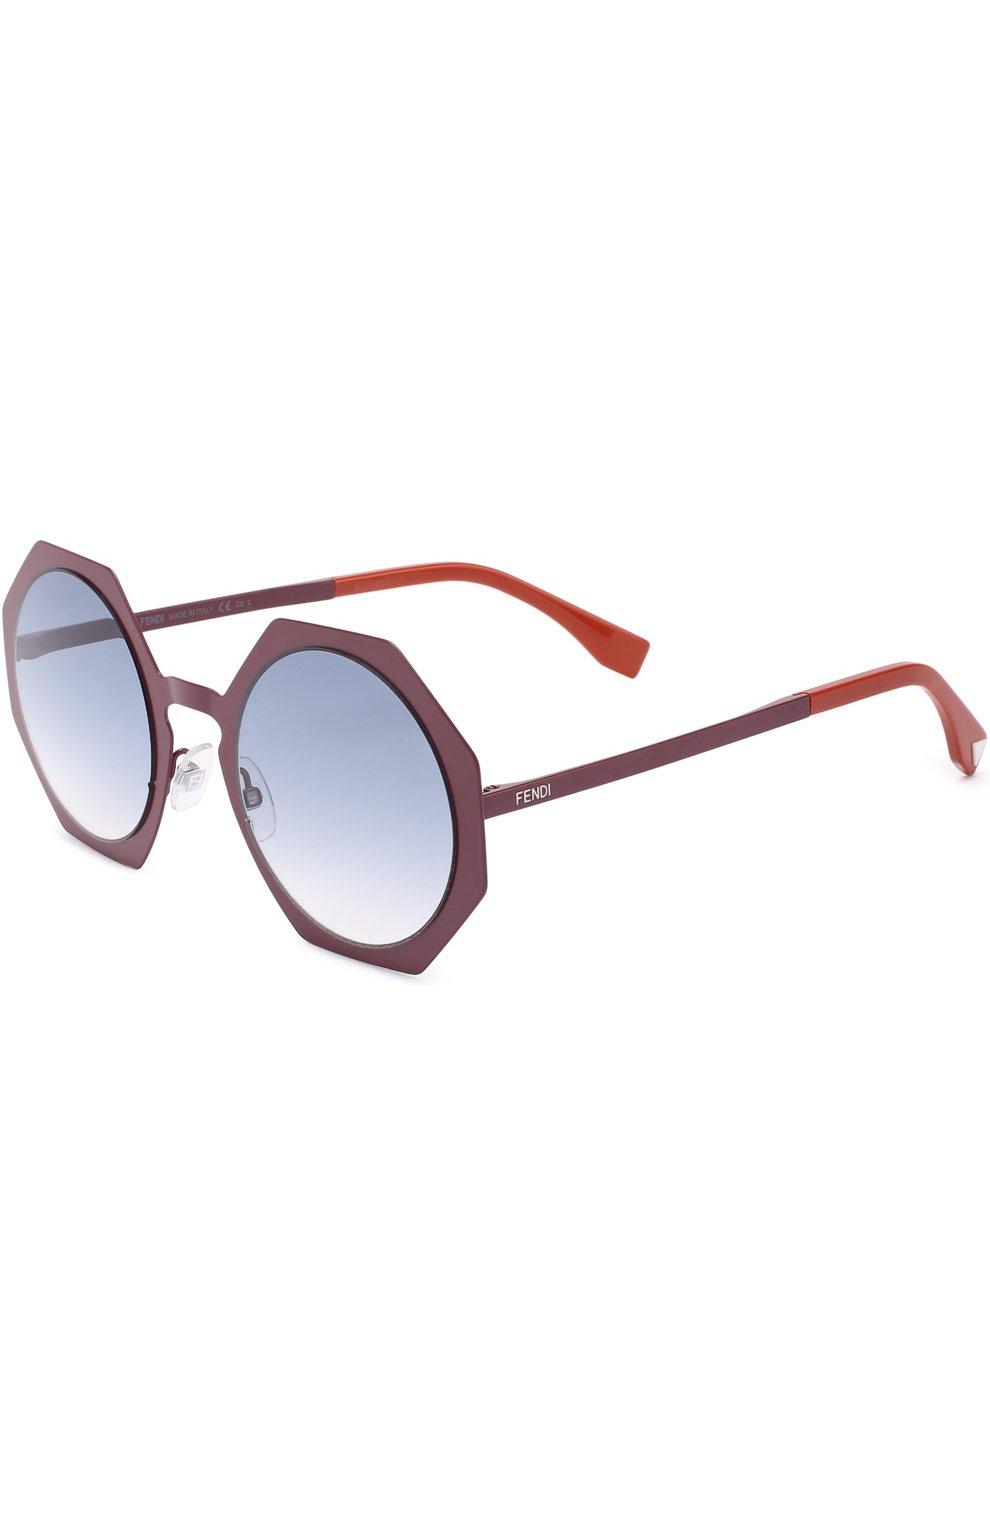 Женские солнцезащитные очки FENDI бордового цвета, арт. 0152 0M8 | Фото 1